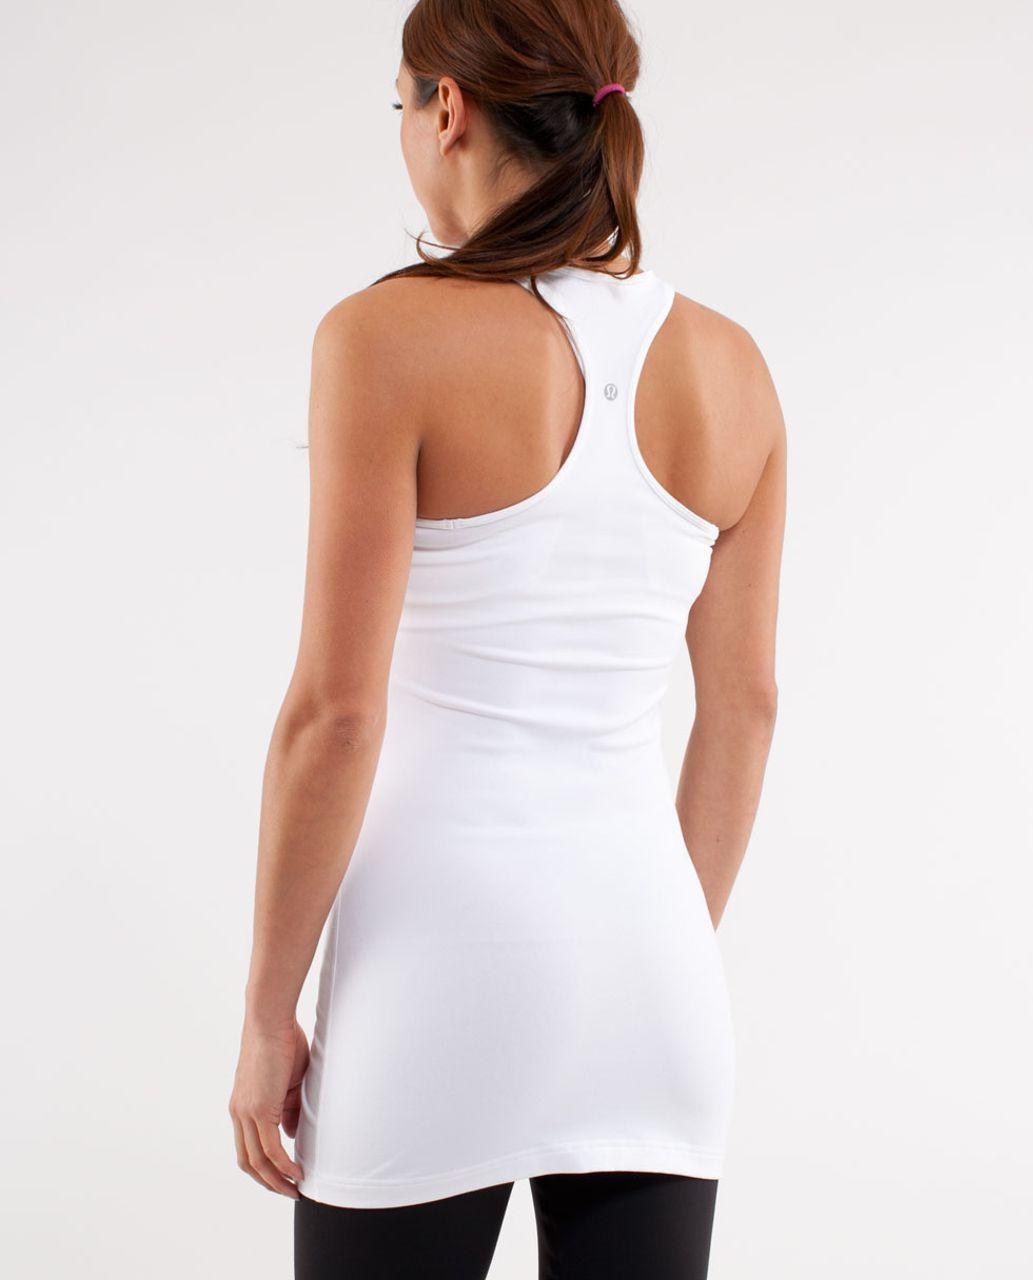 Lululemon Cool Racerback *Extra Long - White